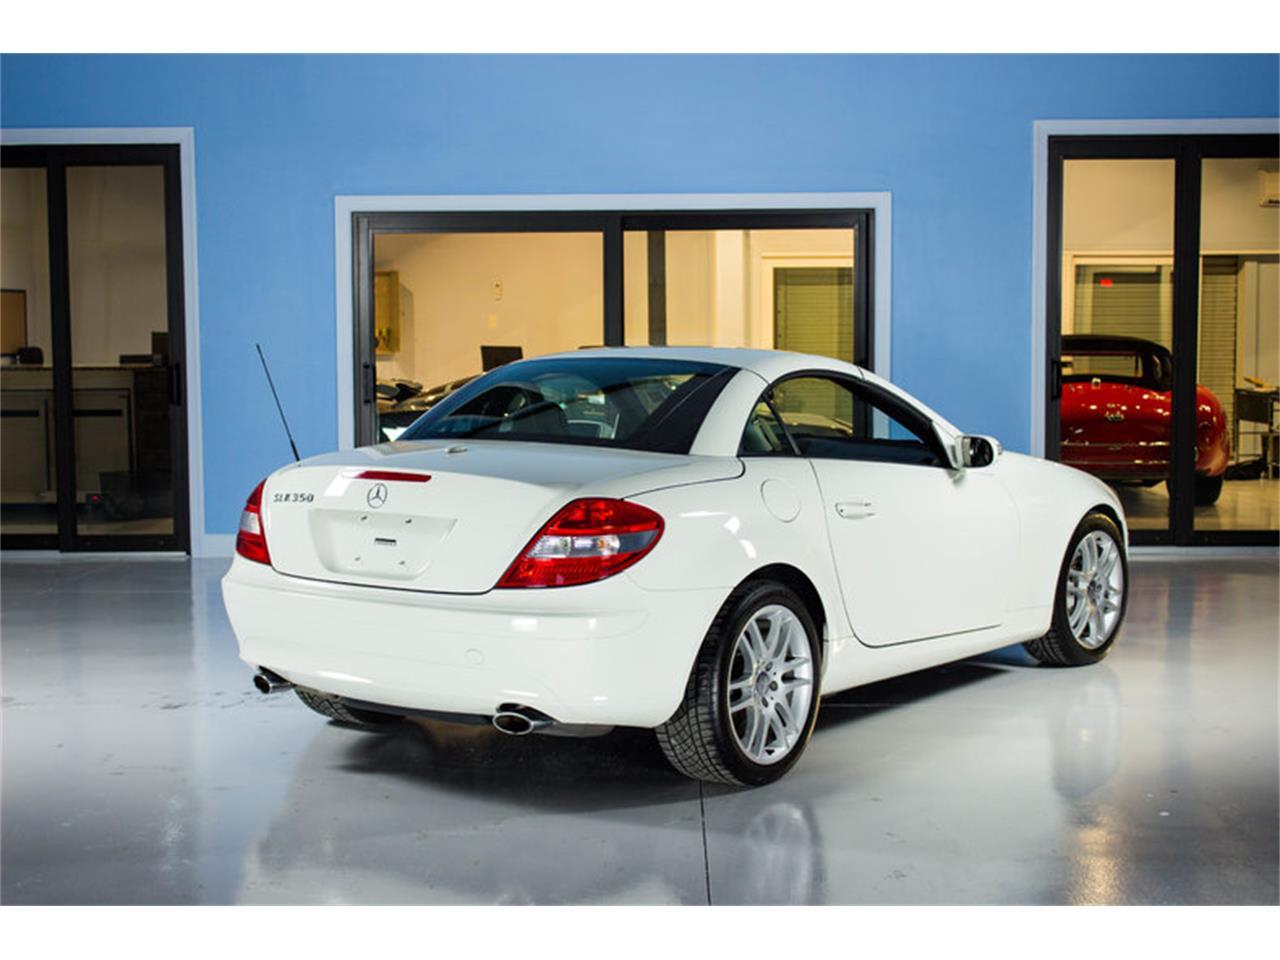 2007 Mercedes-Benz SLK 350 Convertible for Sale | ClassicCars.com | CC-1021075